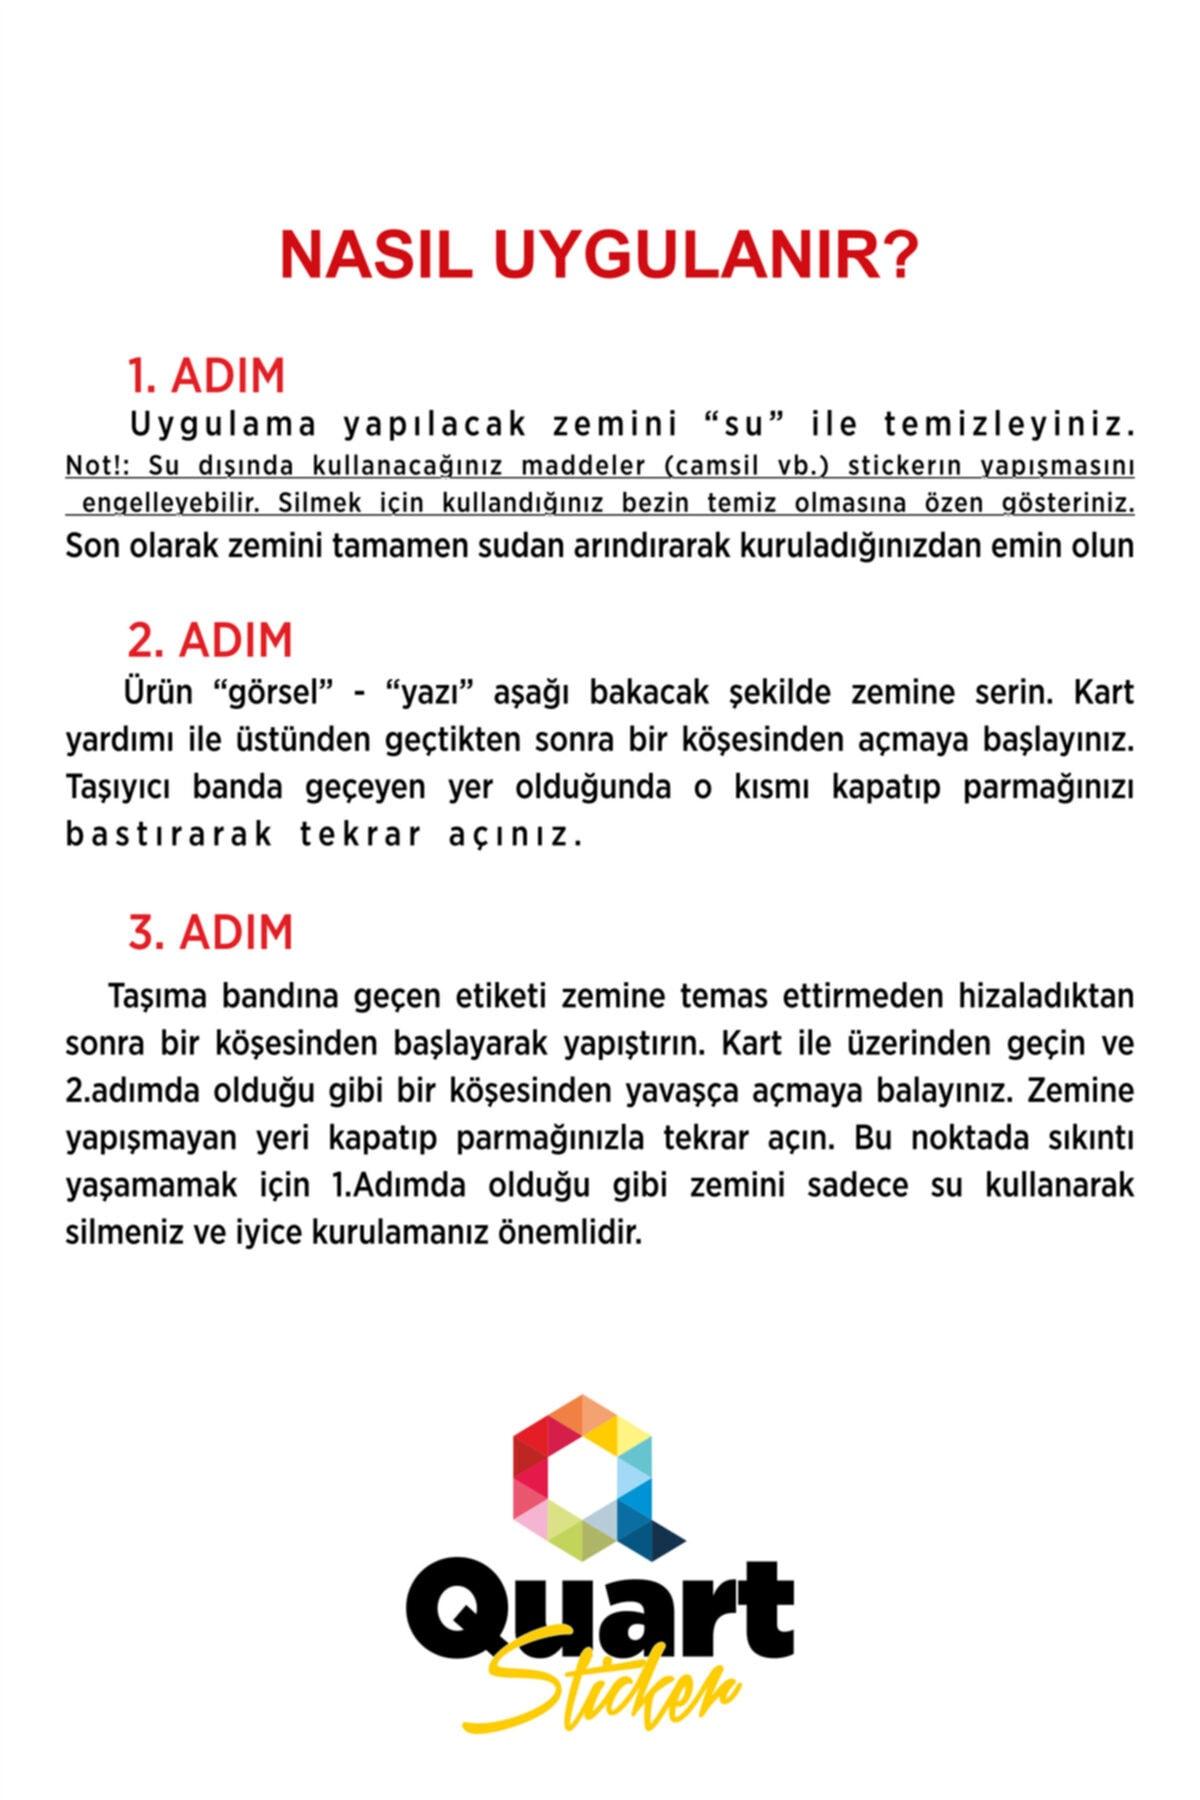 Quart Aksesuar Yan Ayna Oto Şerit Sticker, Araba Sticker Siyah 6 Adet 15 X 2 Cm 2